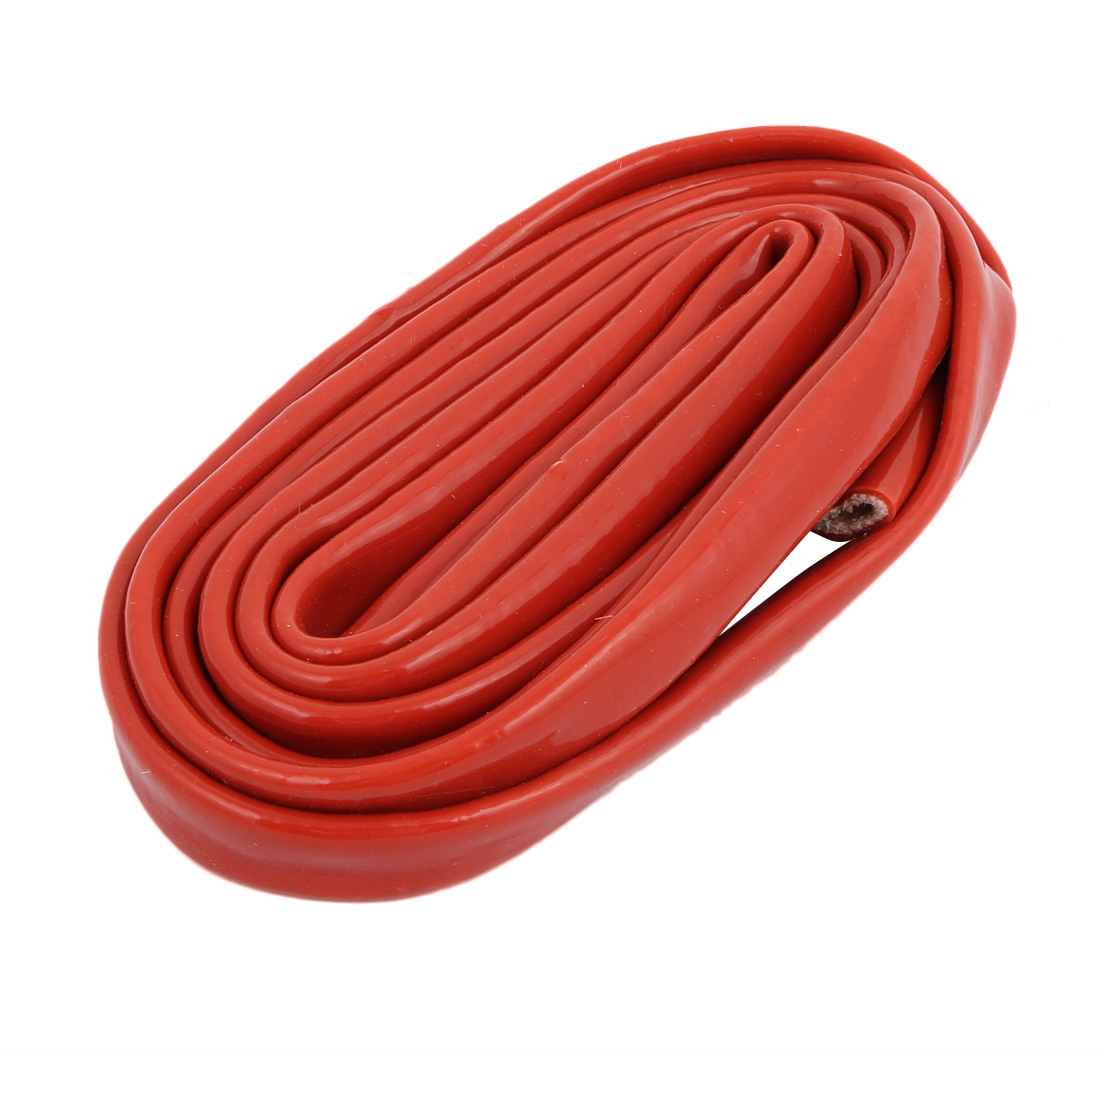 Fiberglass Thickened Retardant Self-extinguishing Sleeving 8mmx2M Red